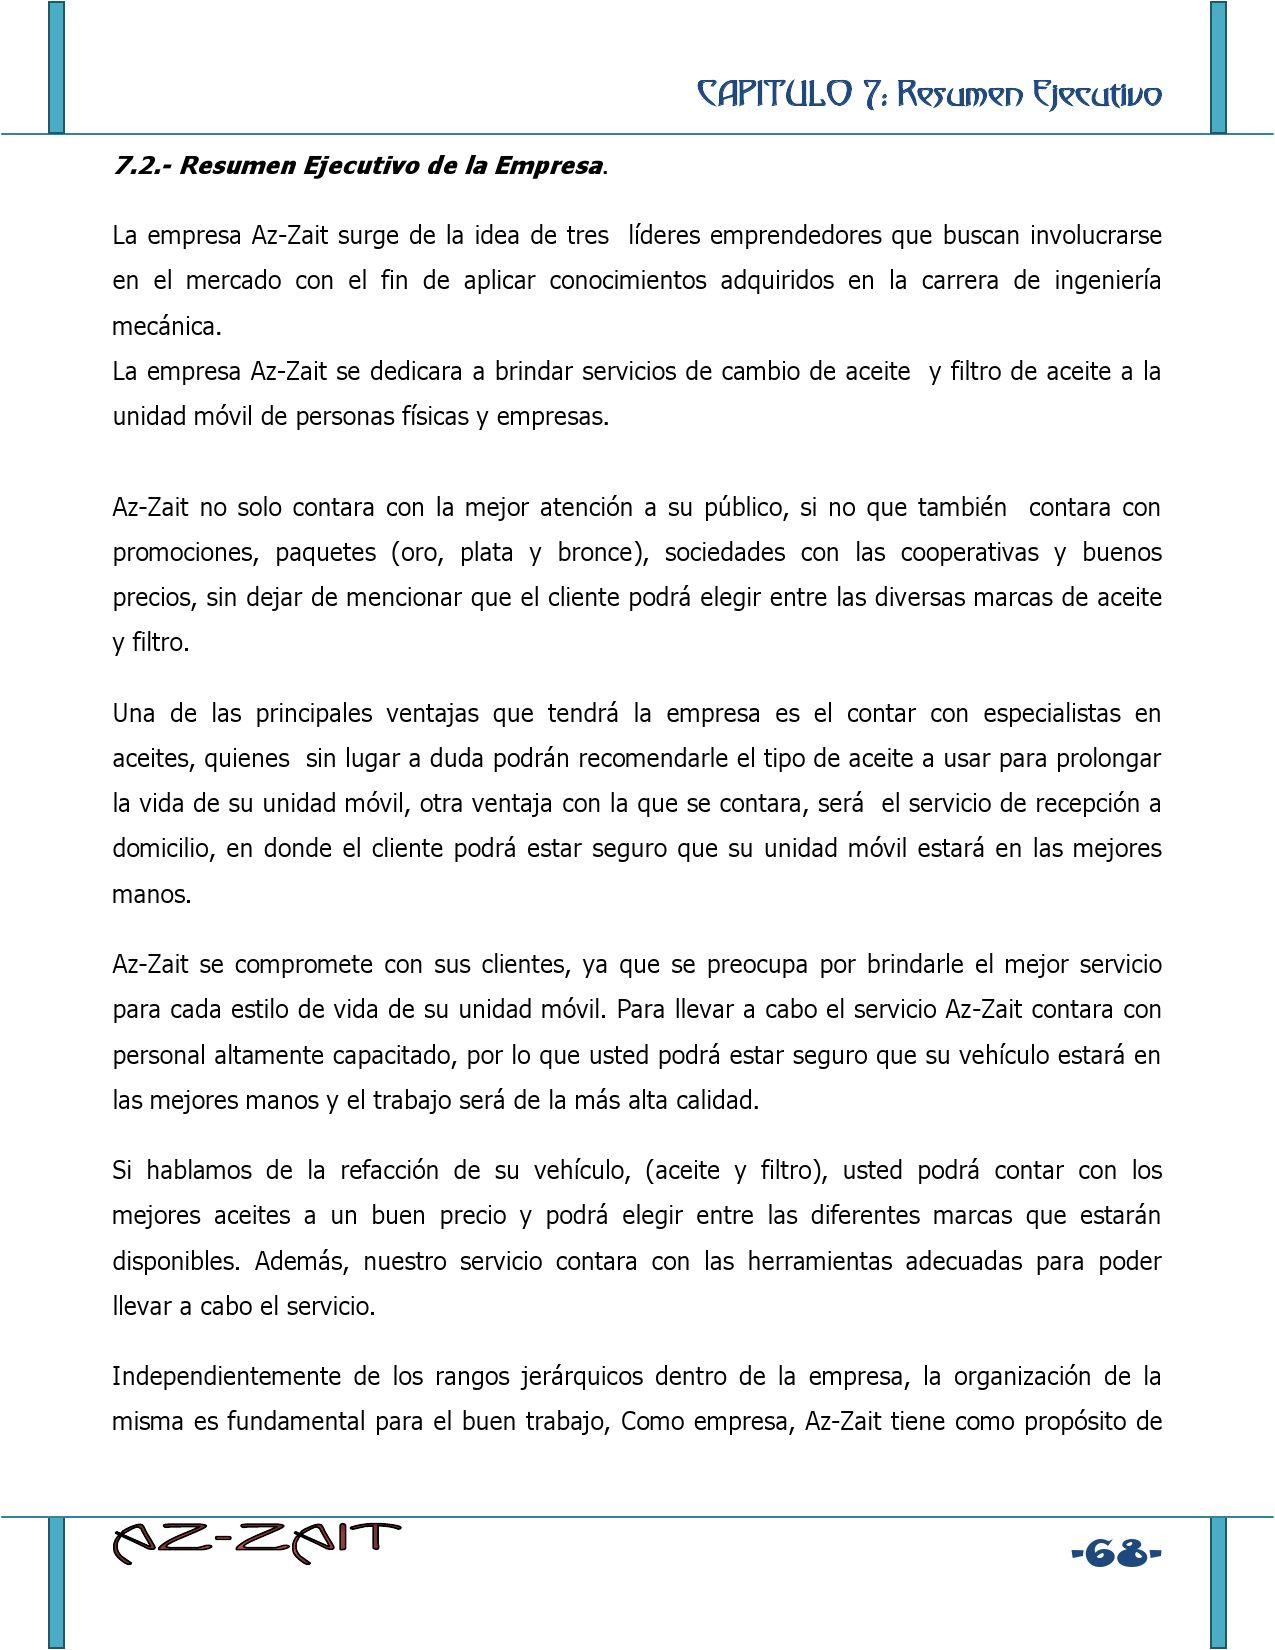 Plan de negocio Aceites Y Lubricantes Az Zait by GestioPolis.com ...